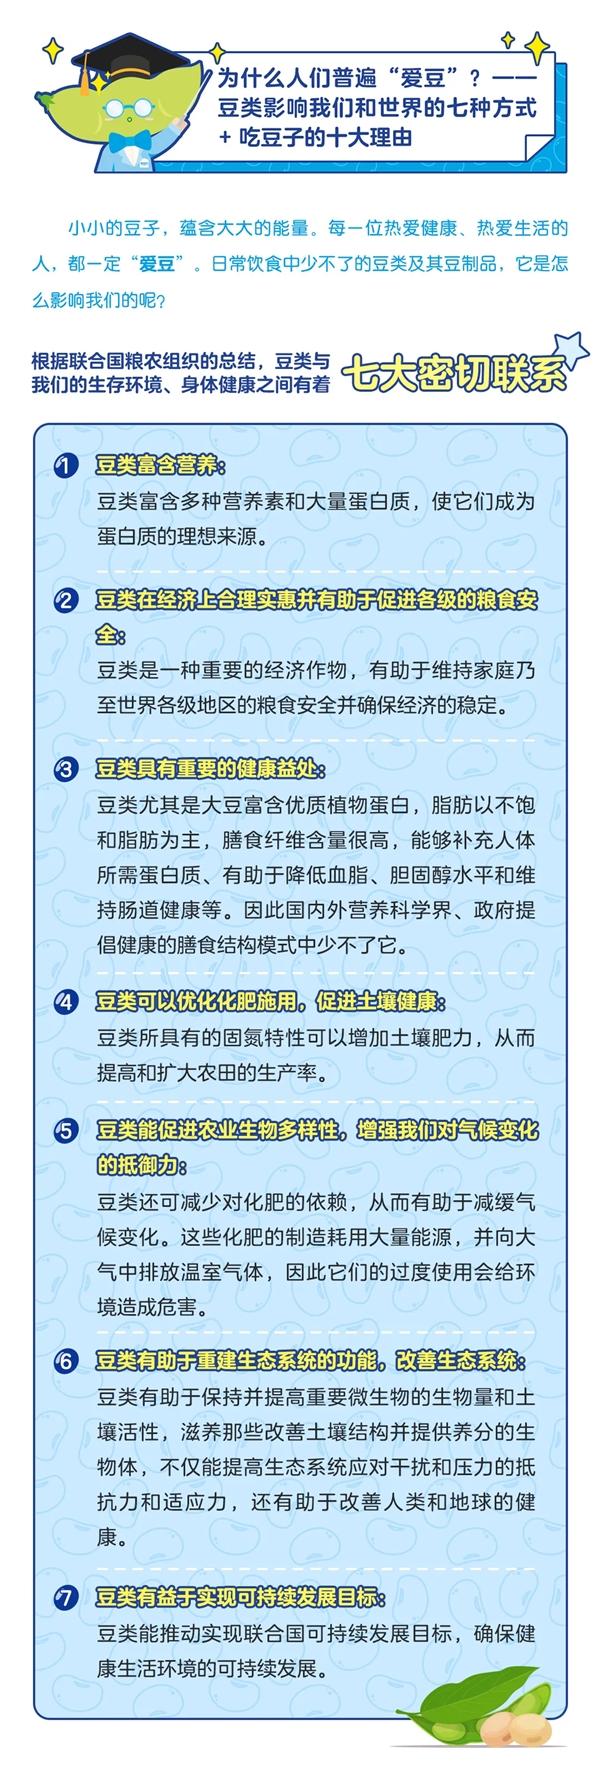 """2.10全民健康新概念,维他奶邀你参与花式""""爱豆""""体验"""